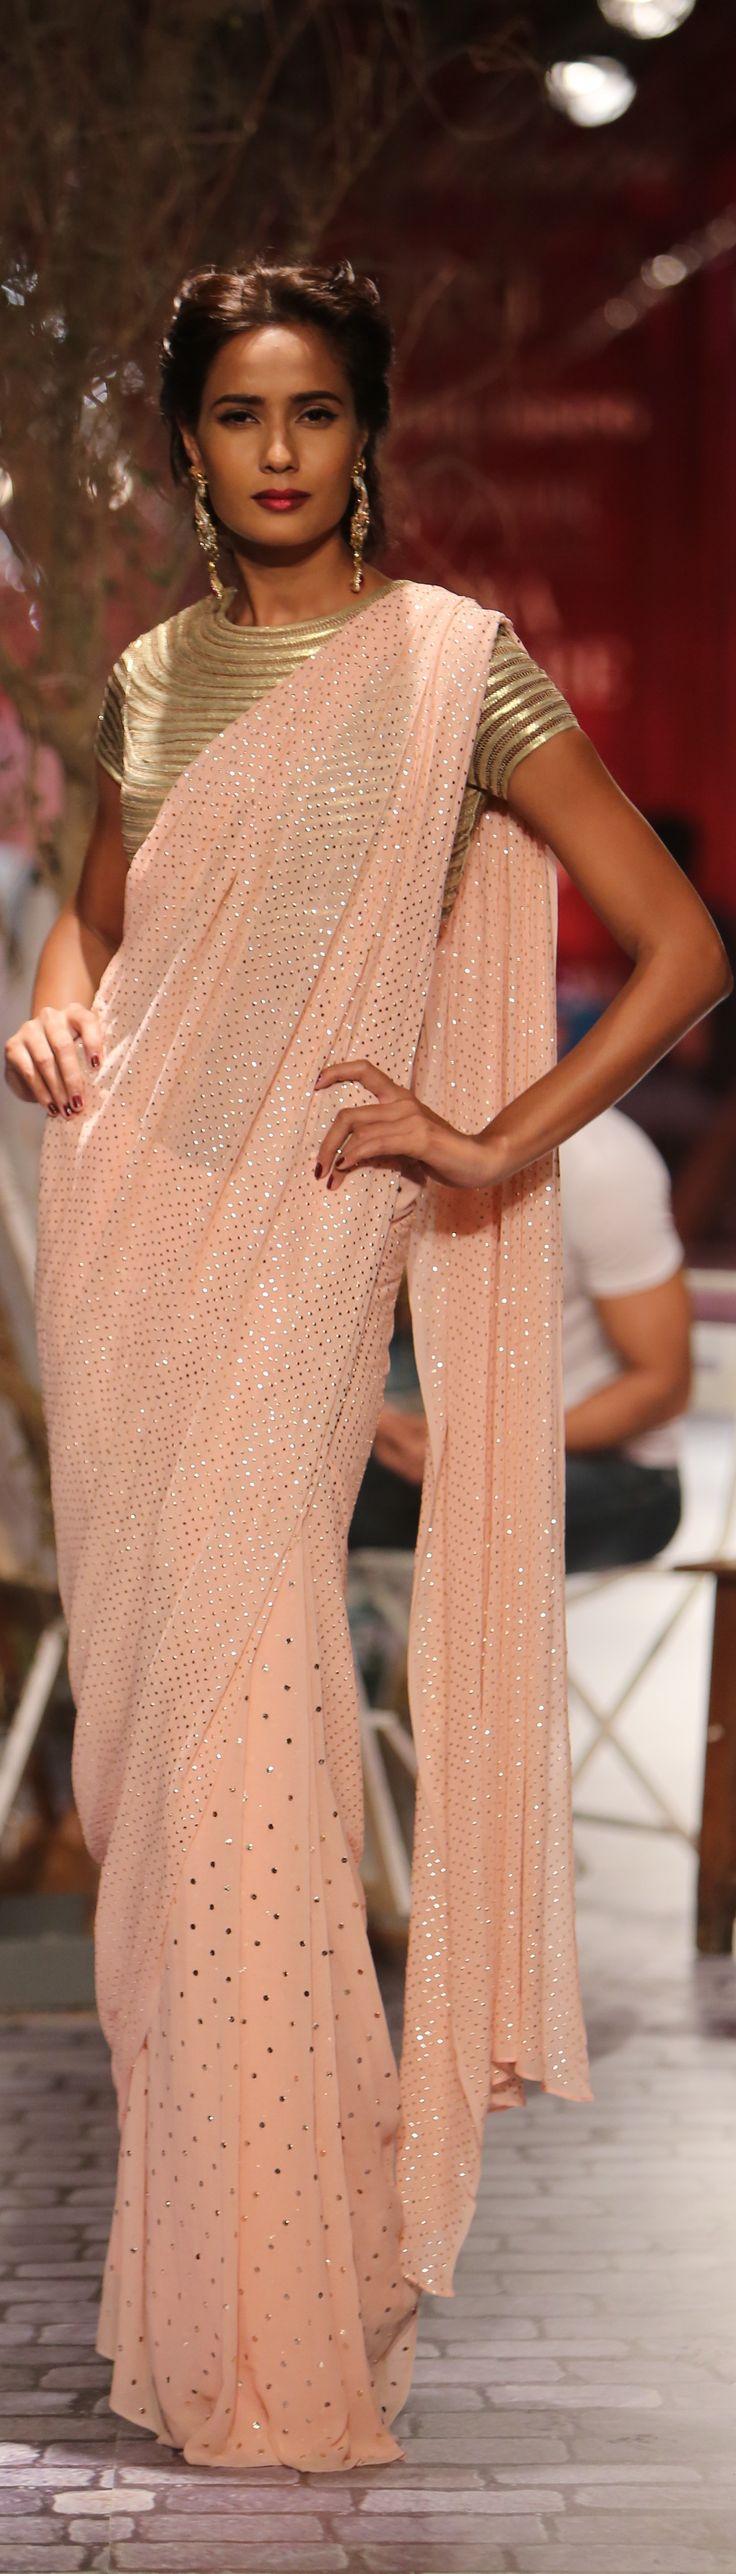 saree blouse design11